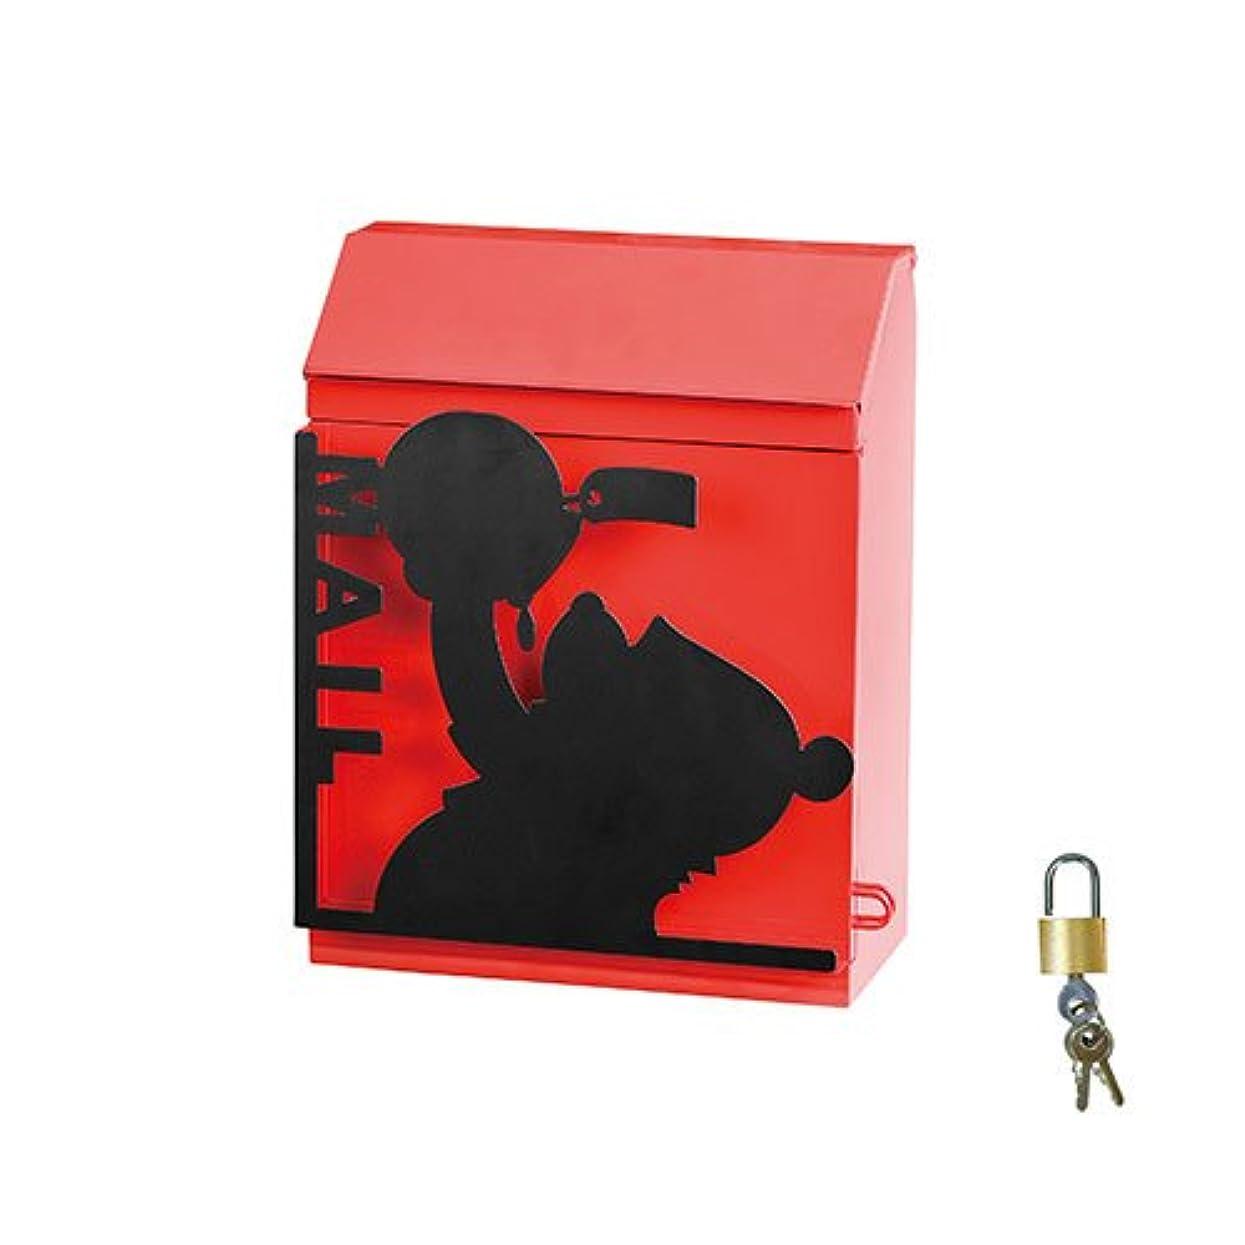 連帯小人財政郵便ポスト 郵便受け シルエットポスト プーさん SILHOUETTE POST SD-6063-1000